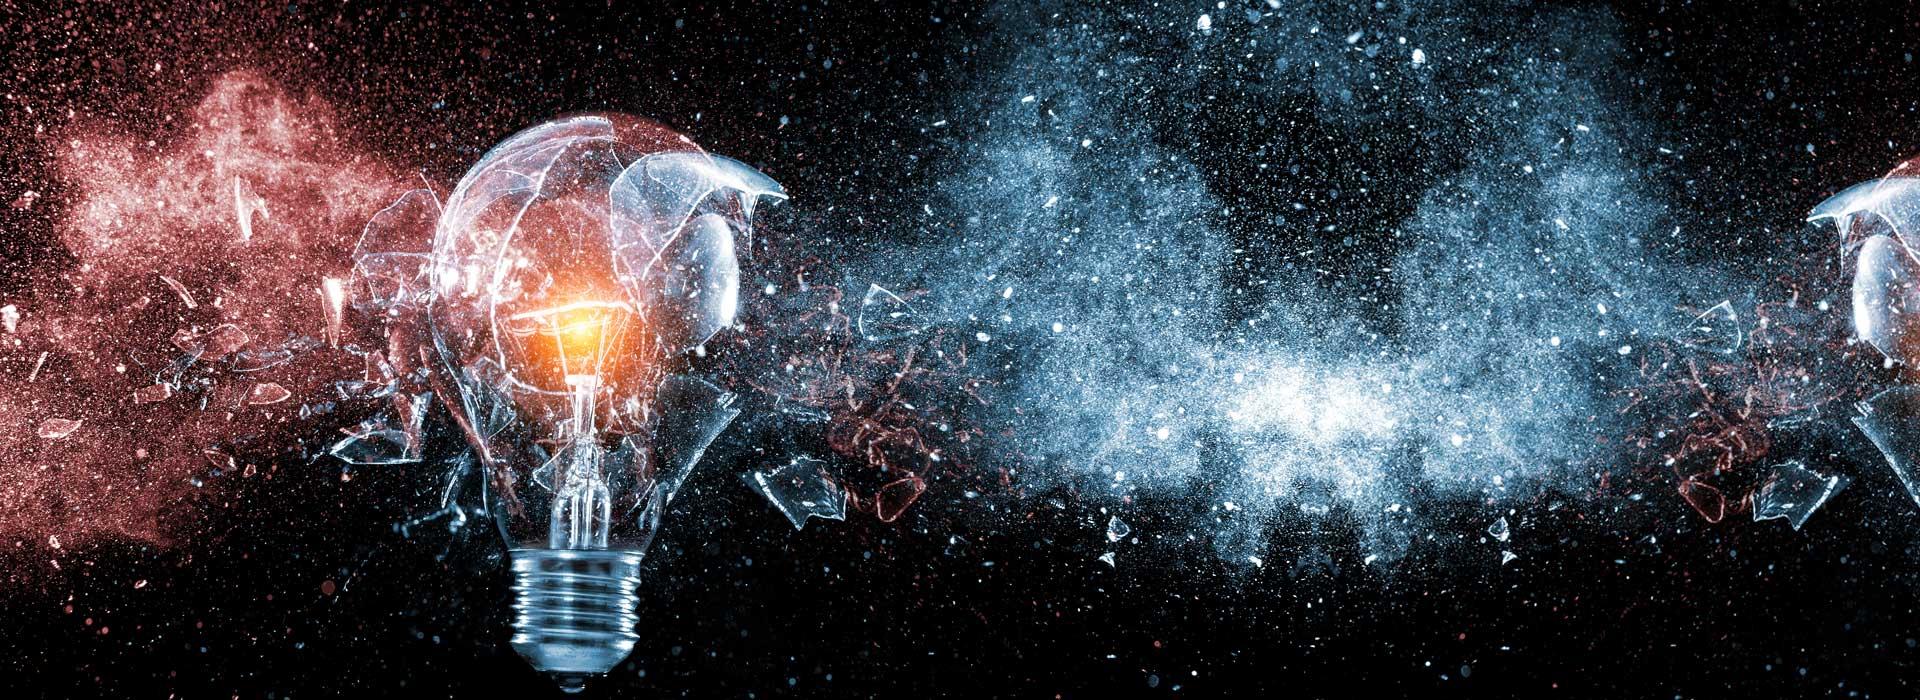 Lichtexplosion